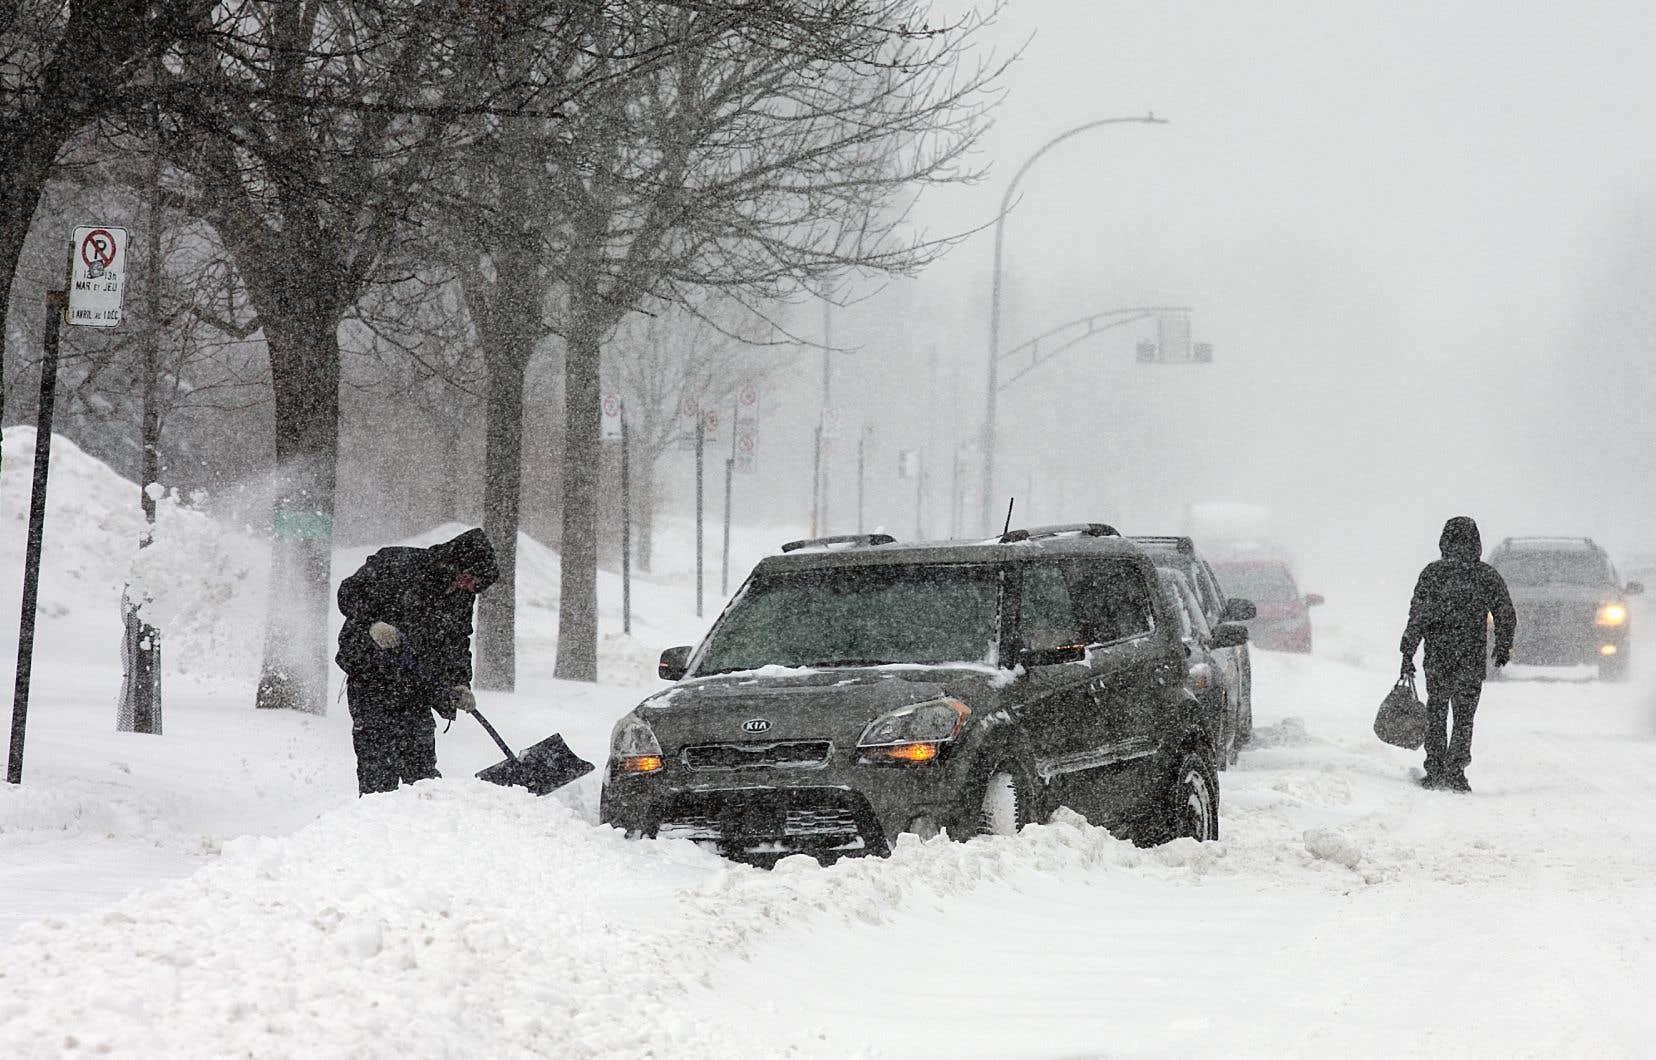 Dans la région de Montréal, des accumulations totales de neige de 10 à 15 cm sont prévues.